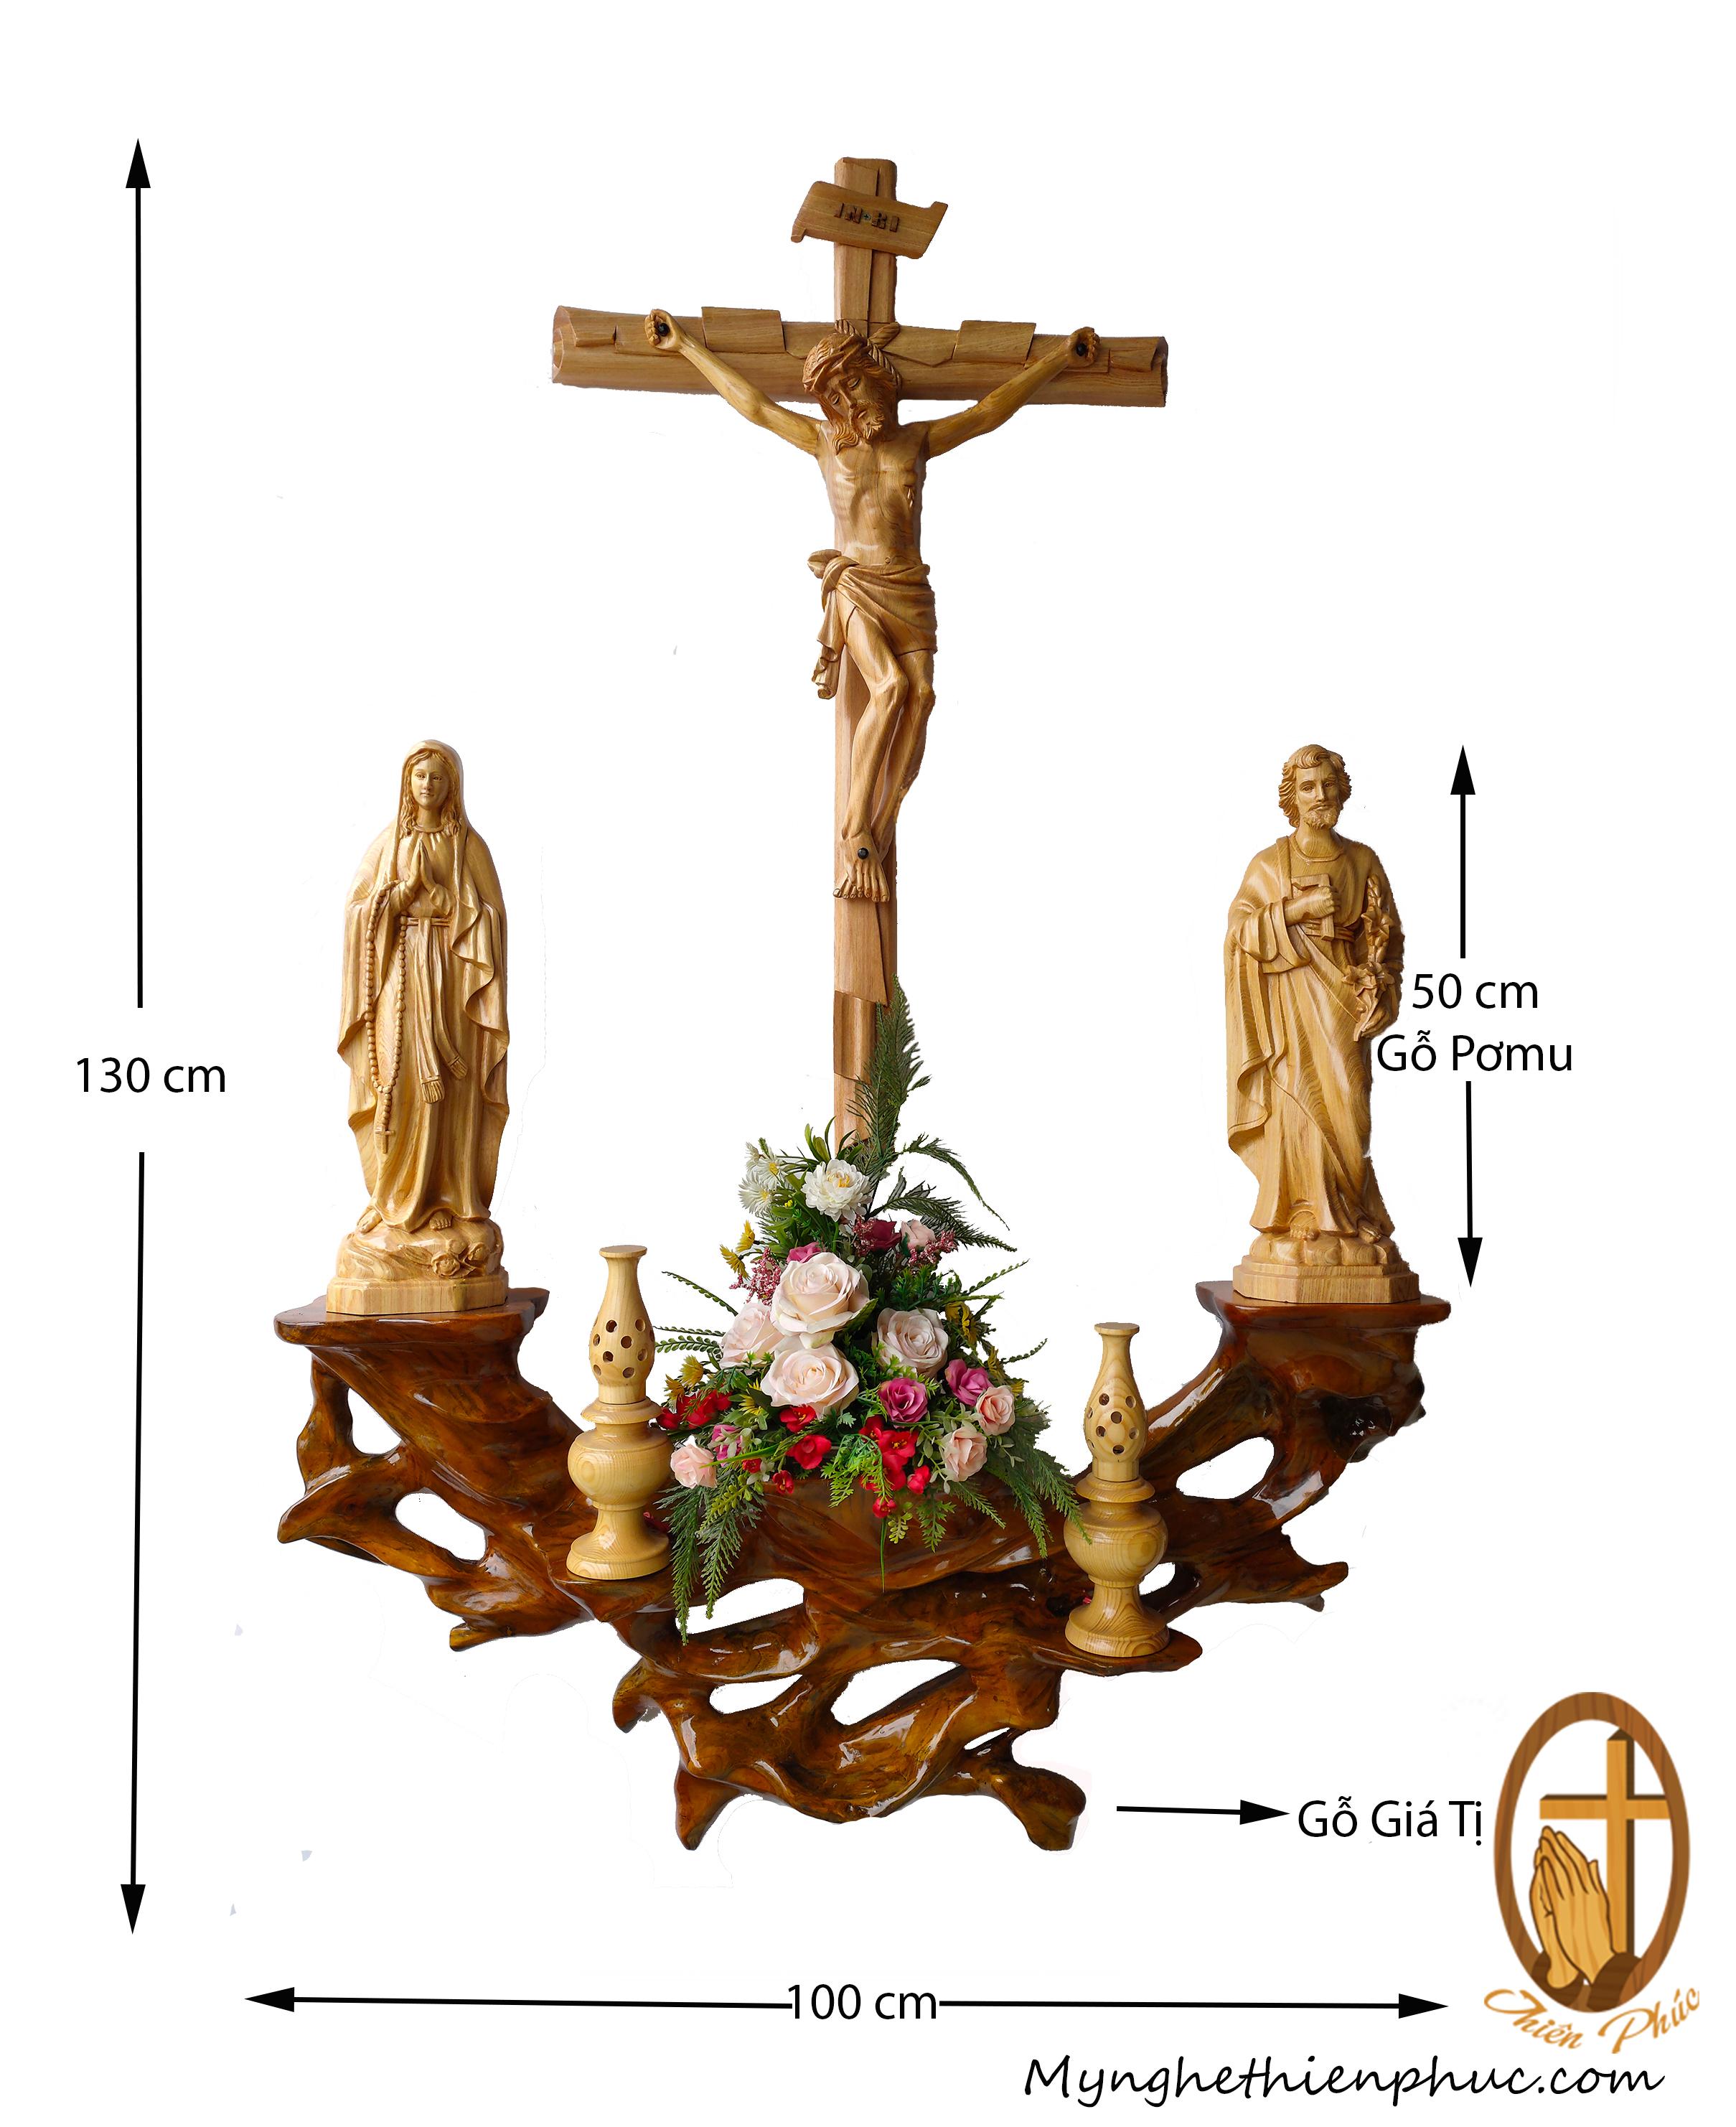 Bộ bàn Thờ Công Giáo BT20